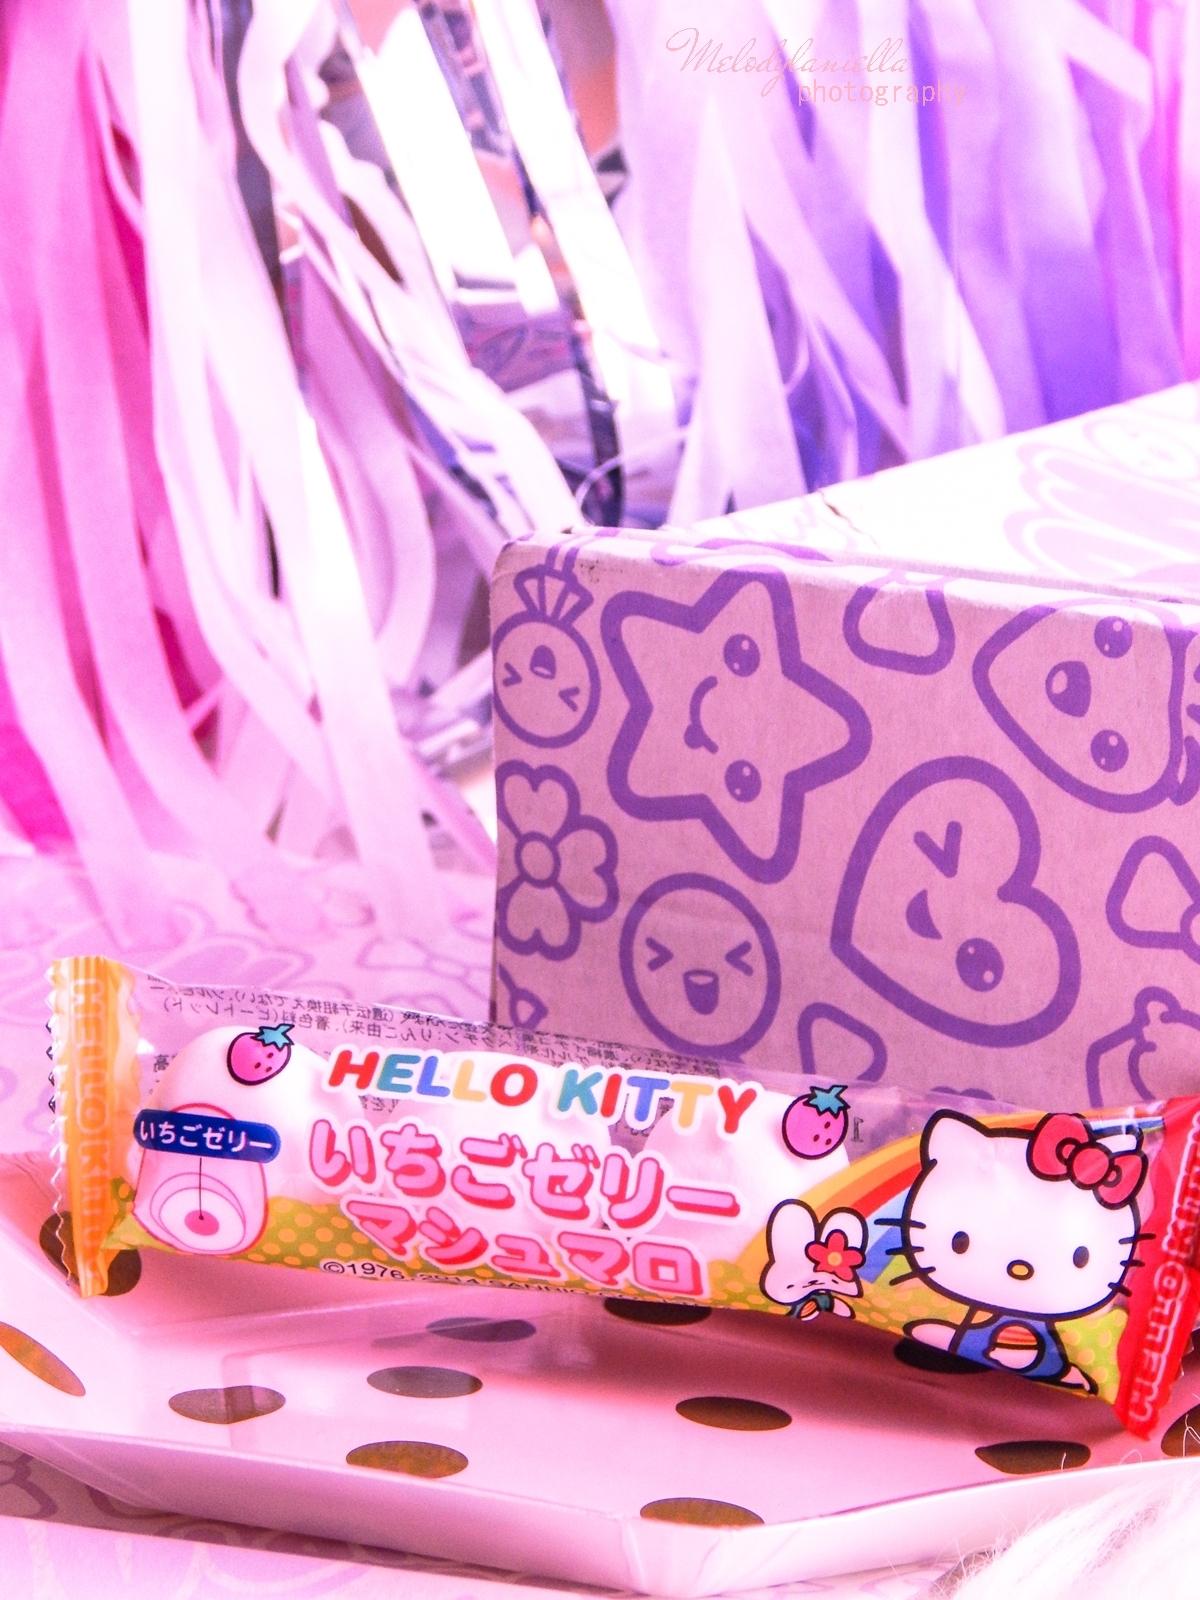 12 melodylaniella partybox japan candy box pudełko pełne słodkości z japonii azjatyckie słodycze ciekawe jedzenie z japonii cukierki z azji boxy z jedzeniem EIWA Hello Kitty Strawberry marshmallows